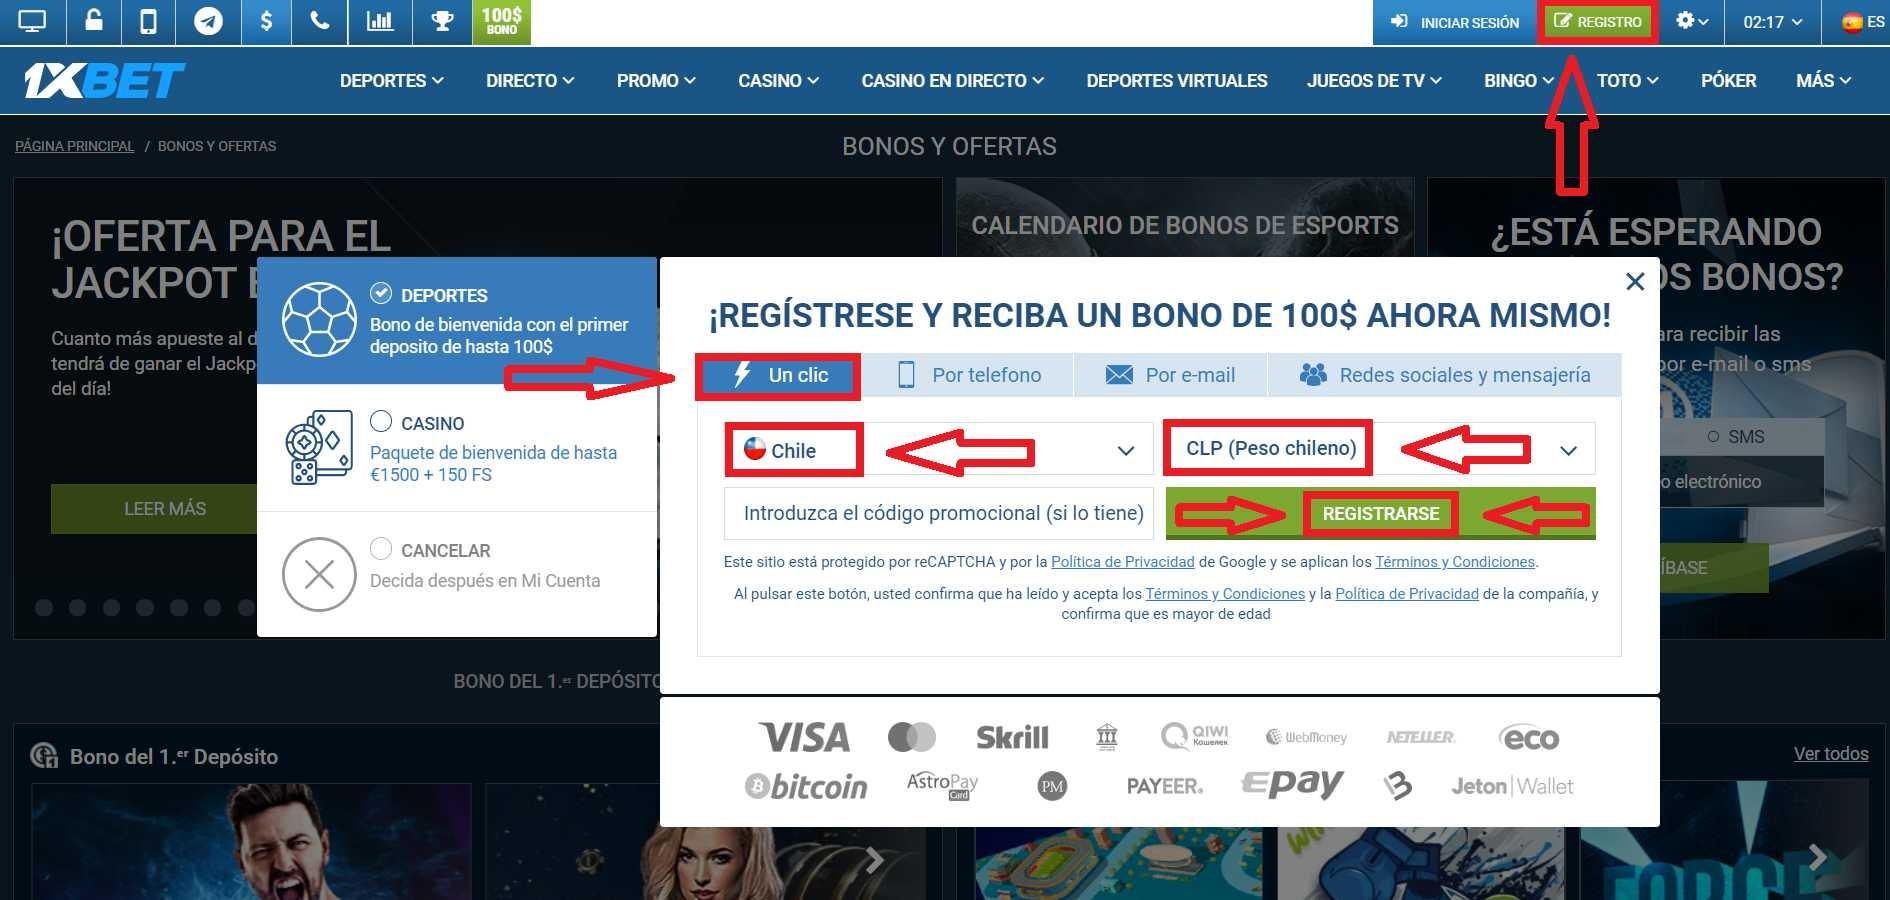 1xBet registro de Chile: proceso paso a paso.